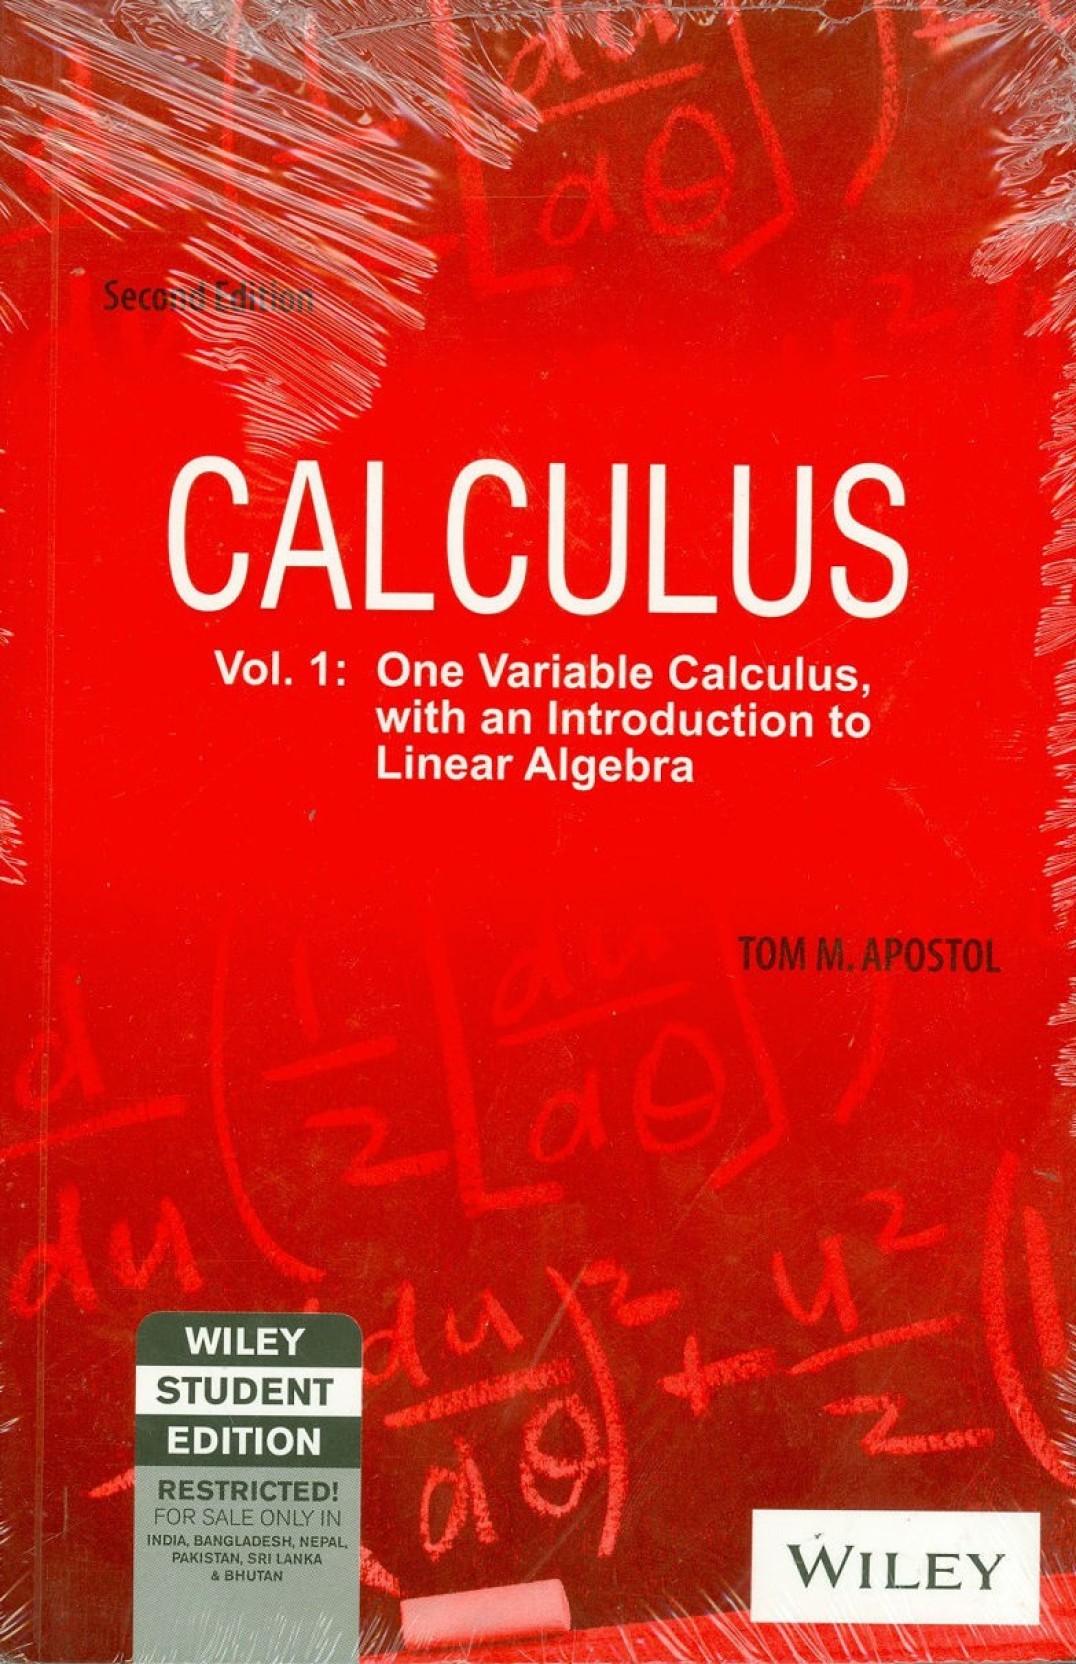 Calculus Volume I 2 Edition - Buy Calculus Volume I 2